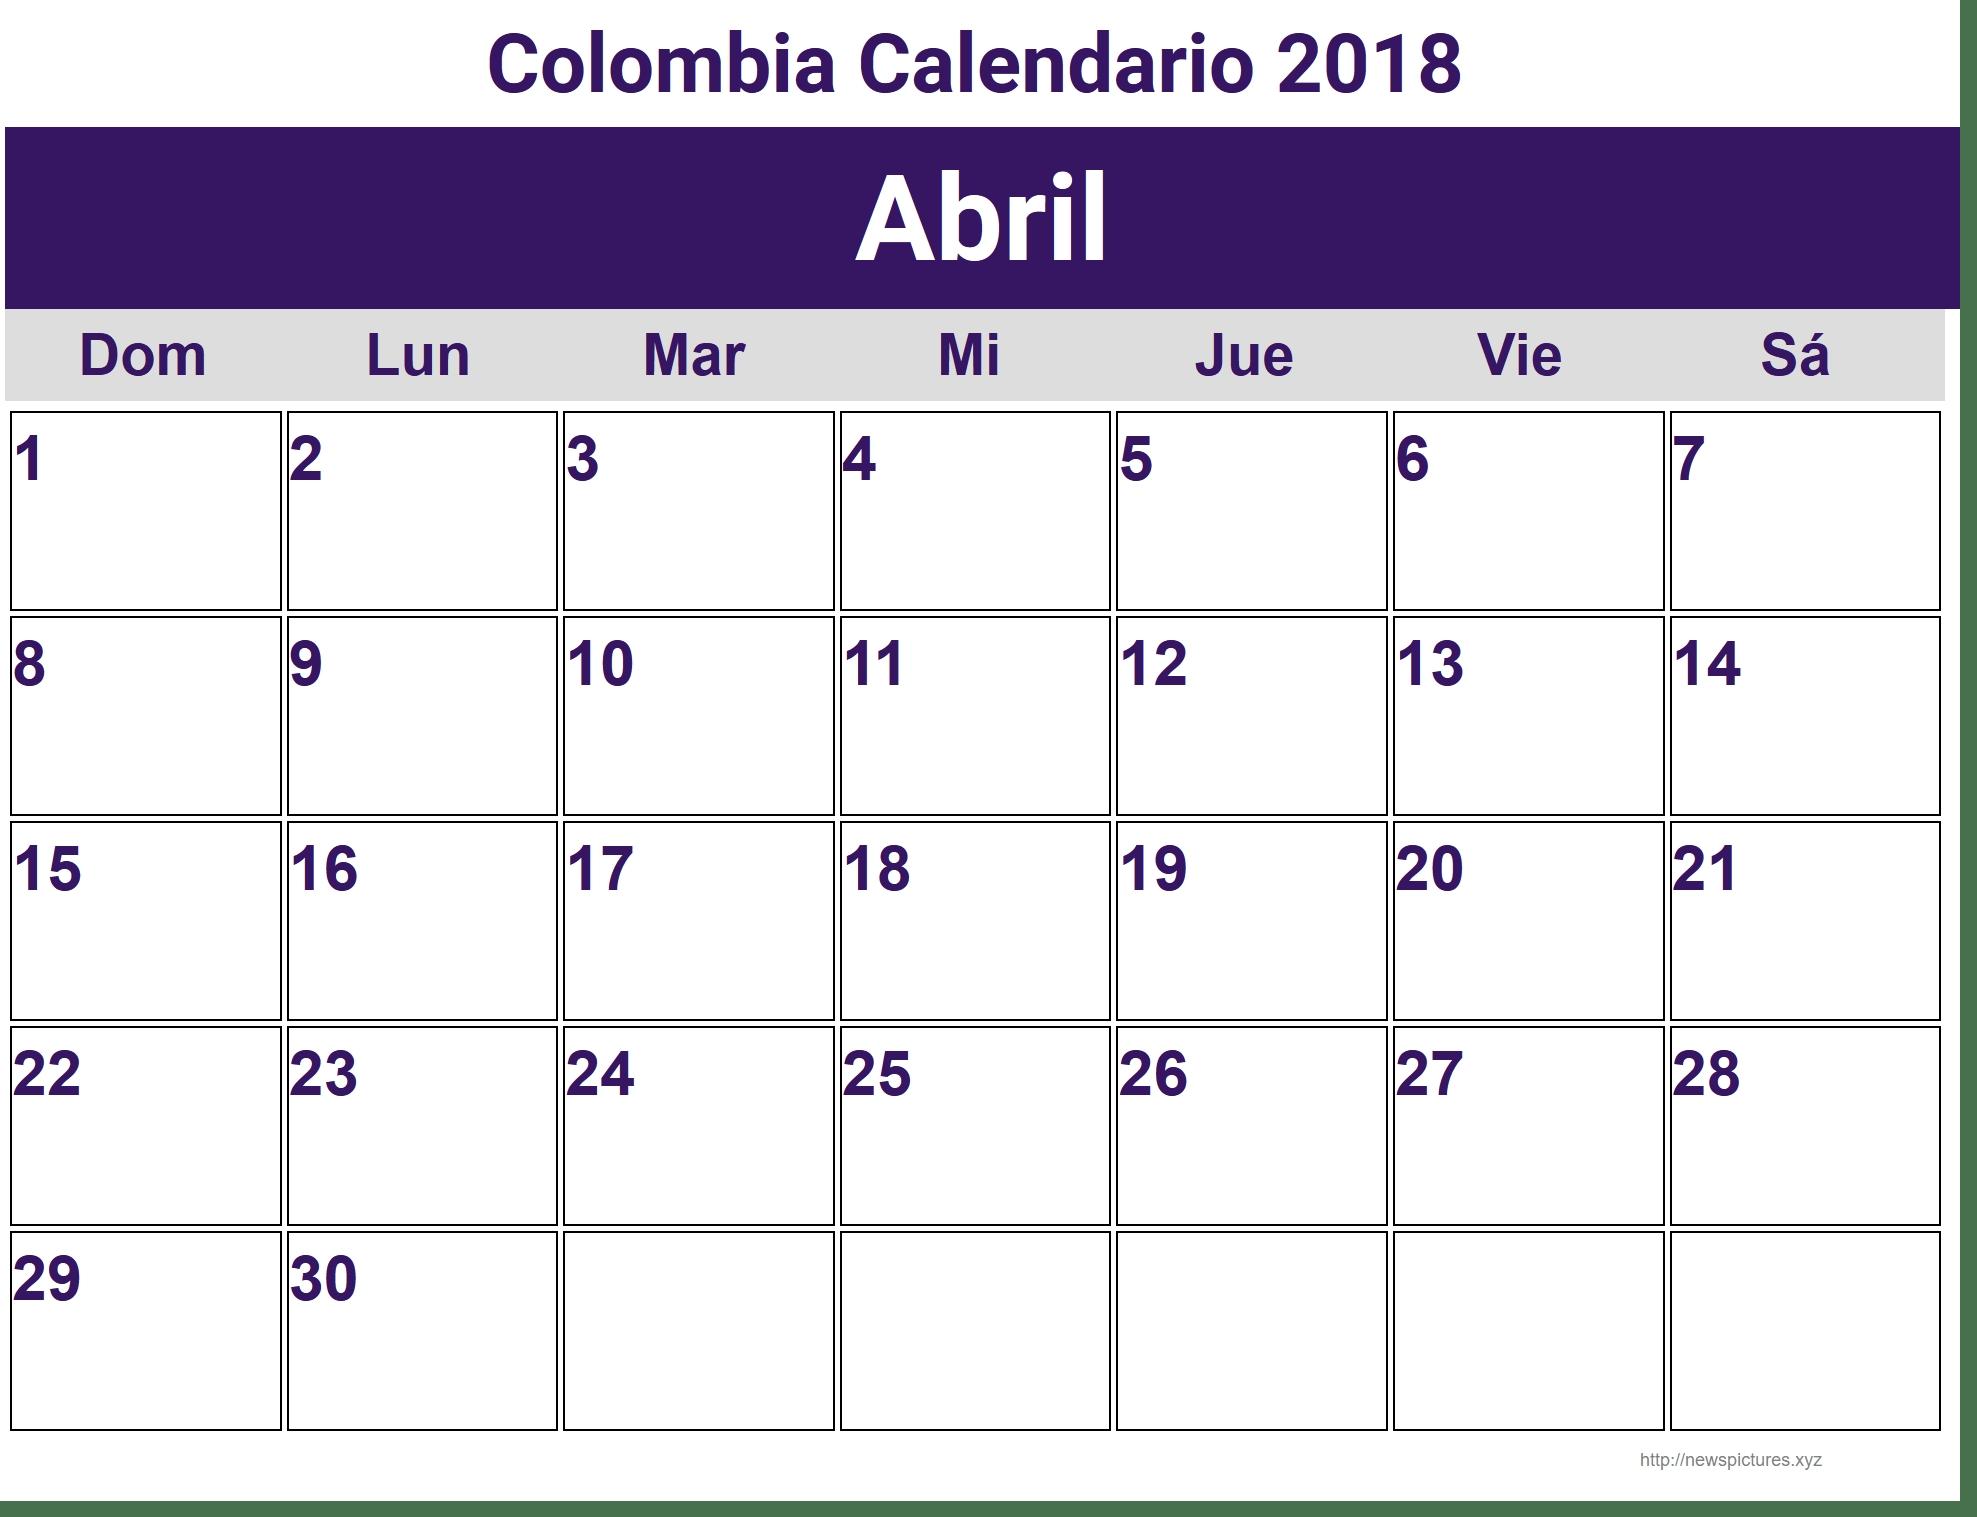 Calendario 2018 Colombia Excel Fieldstationco  Xjb